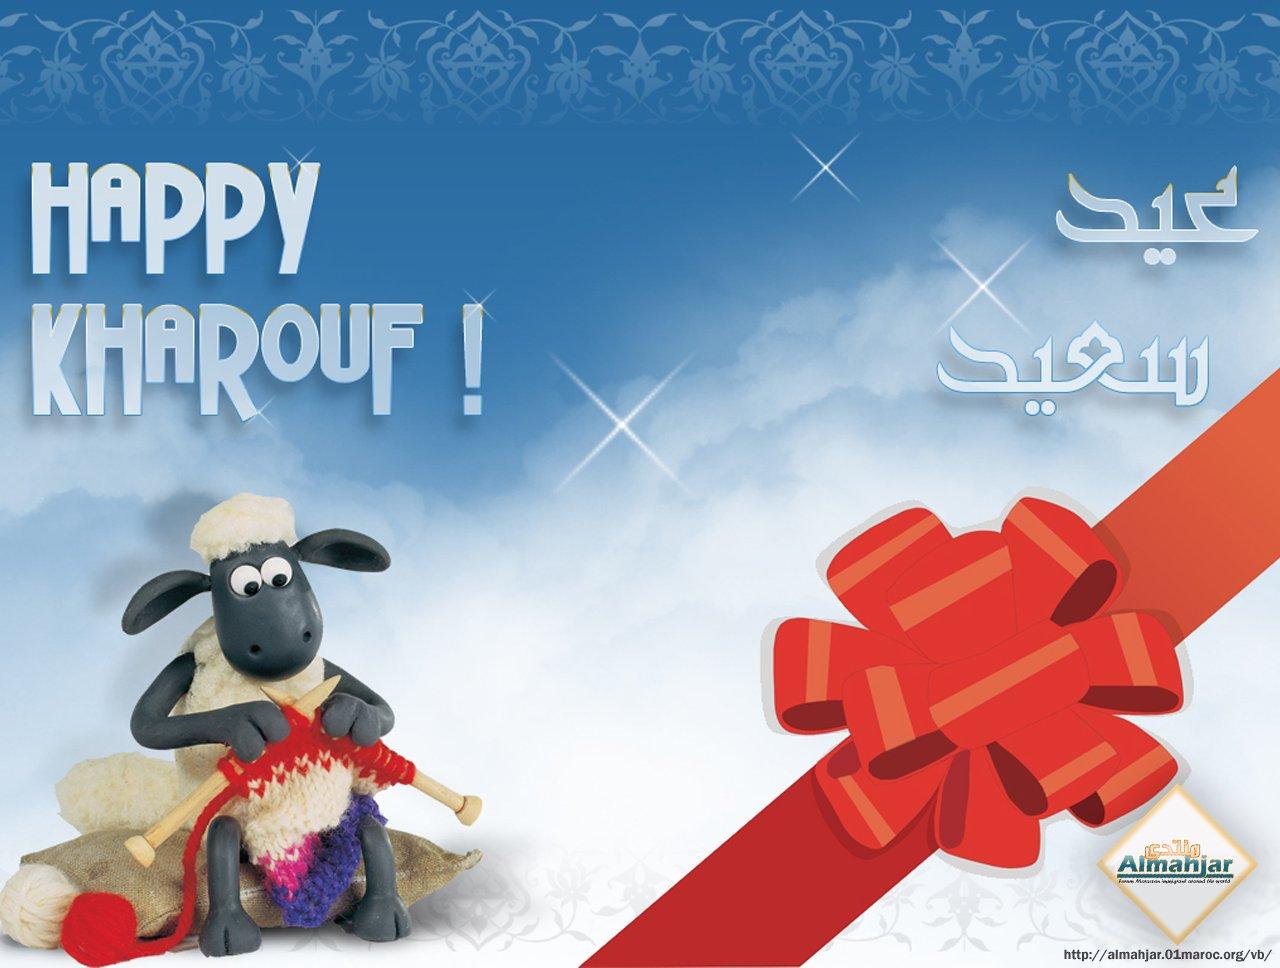 بالصور صور عن عيد الاضحى , اجمل الصور لعيد الاضحى المبارك 5853 5